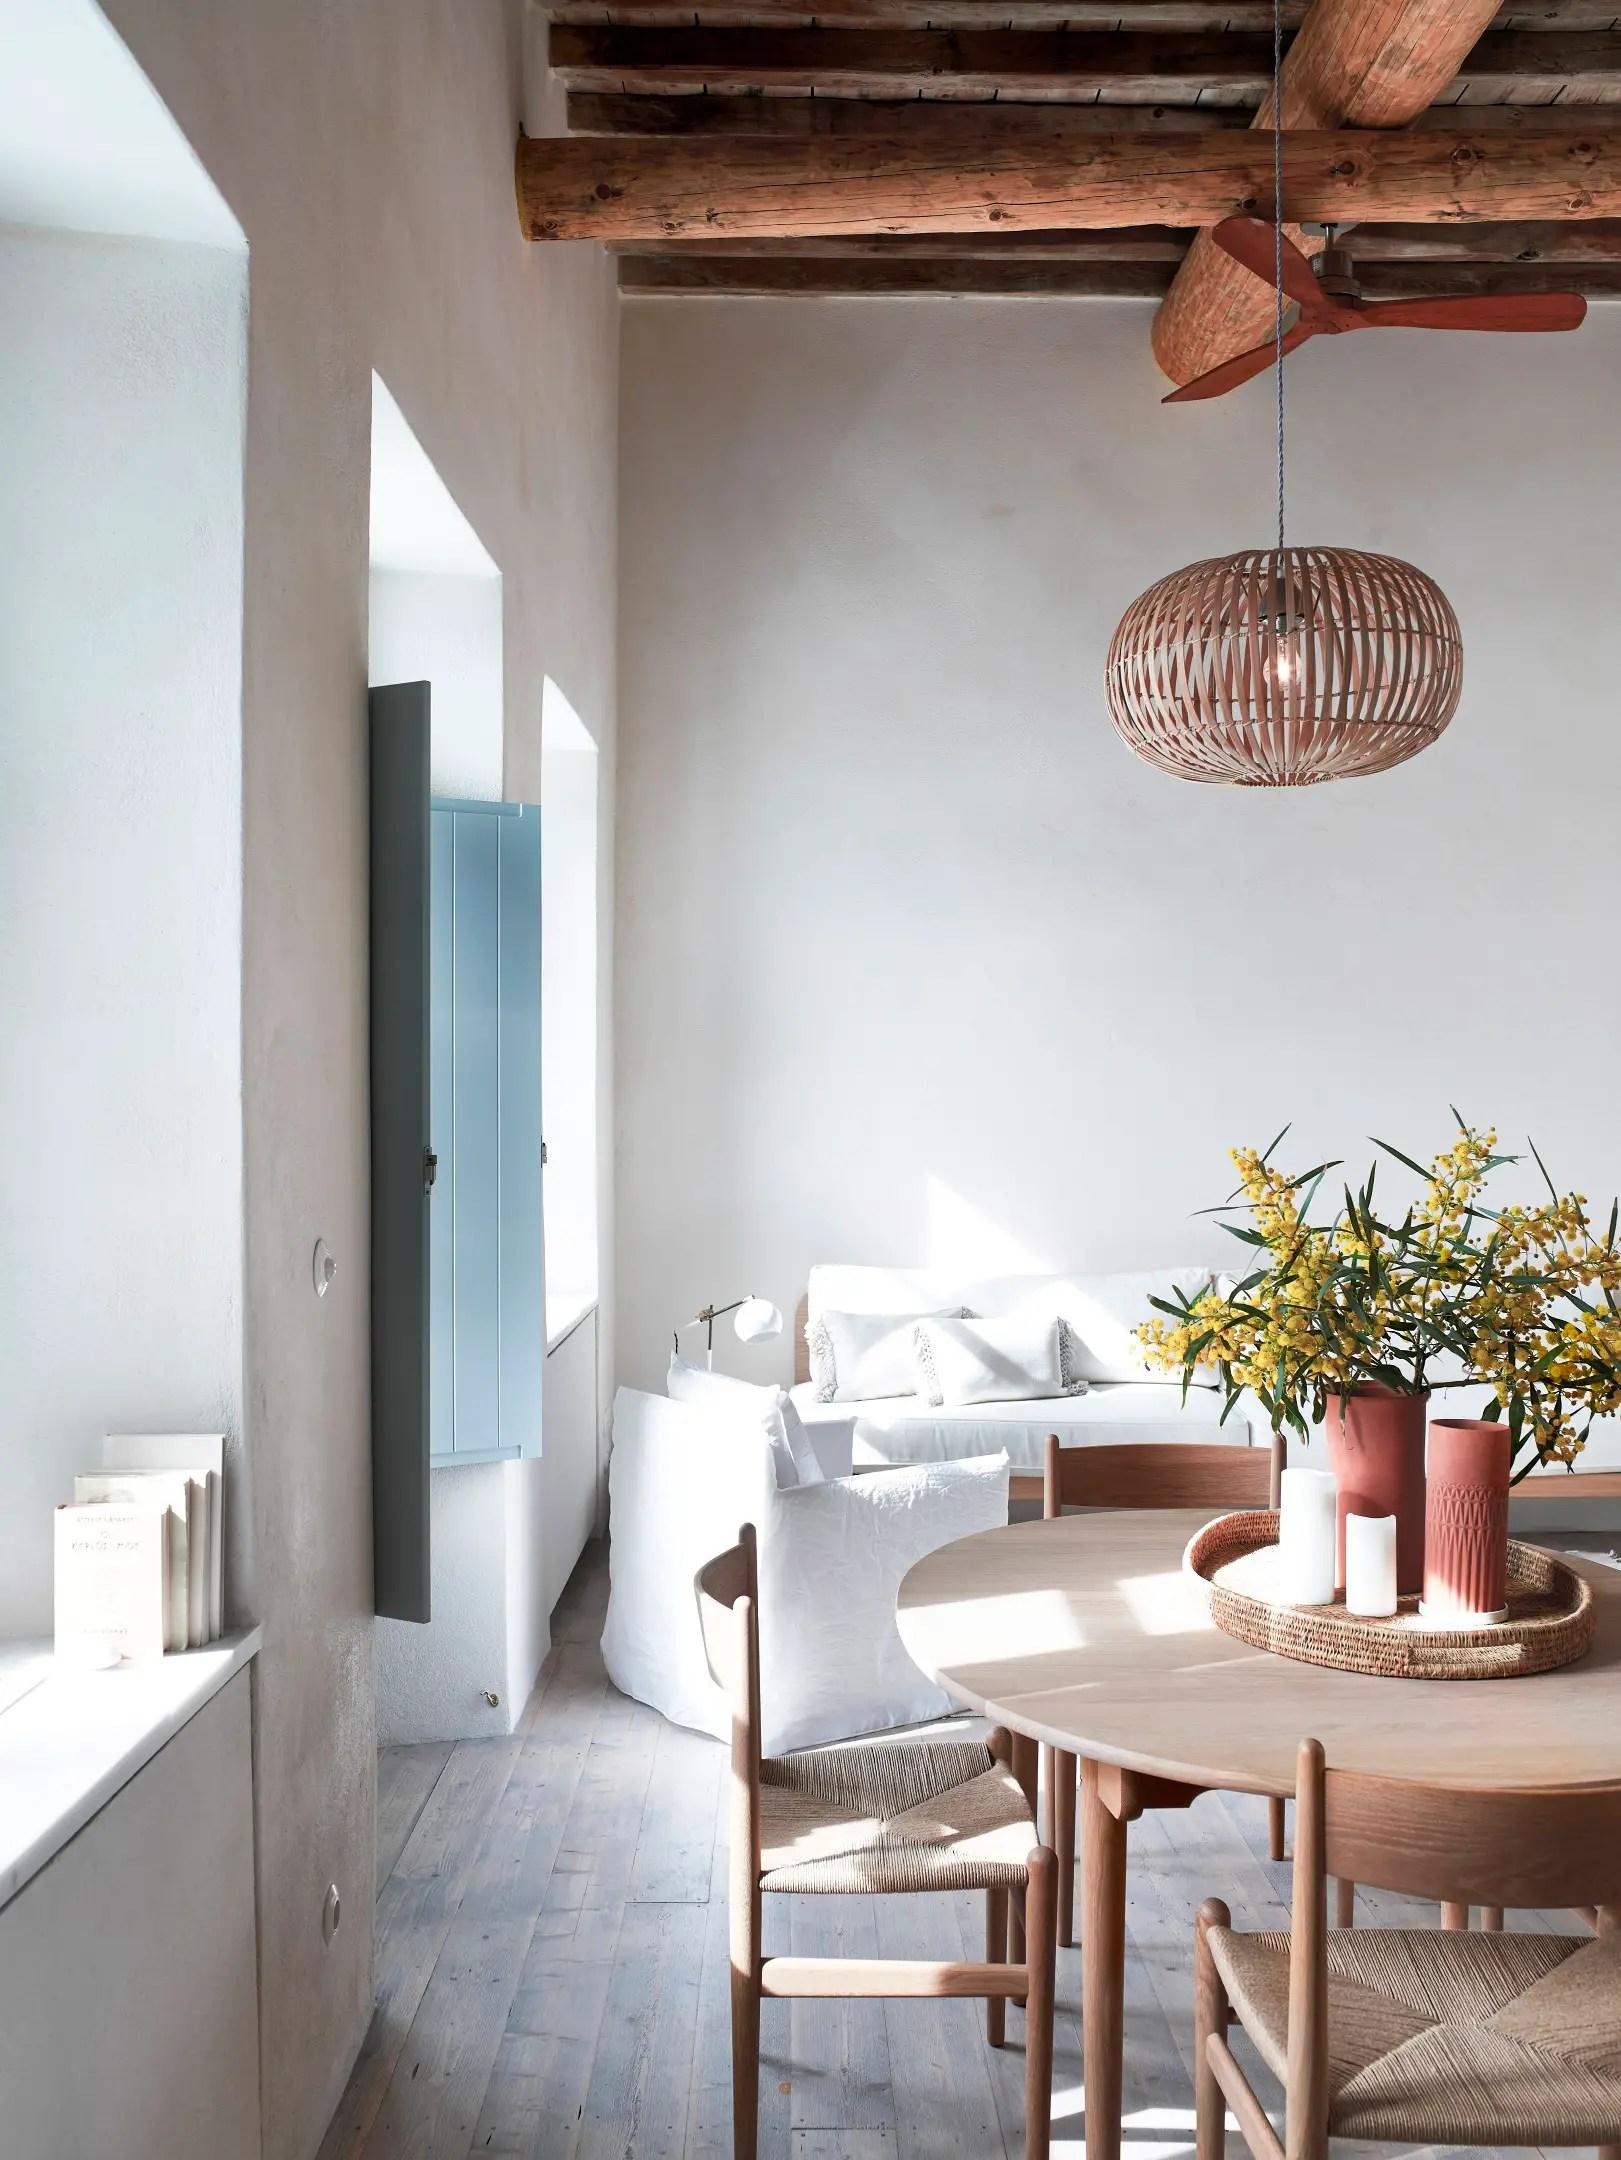 Une maison grecque sur une île - PLANETE DECO a homes world